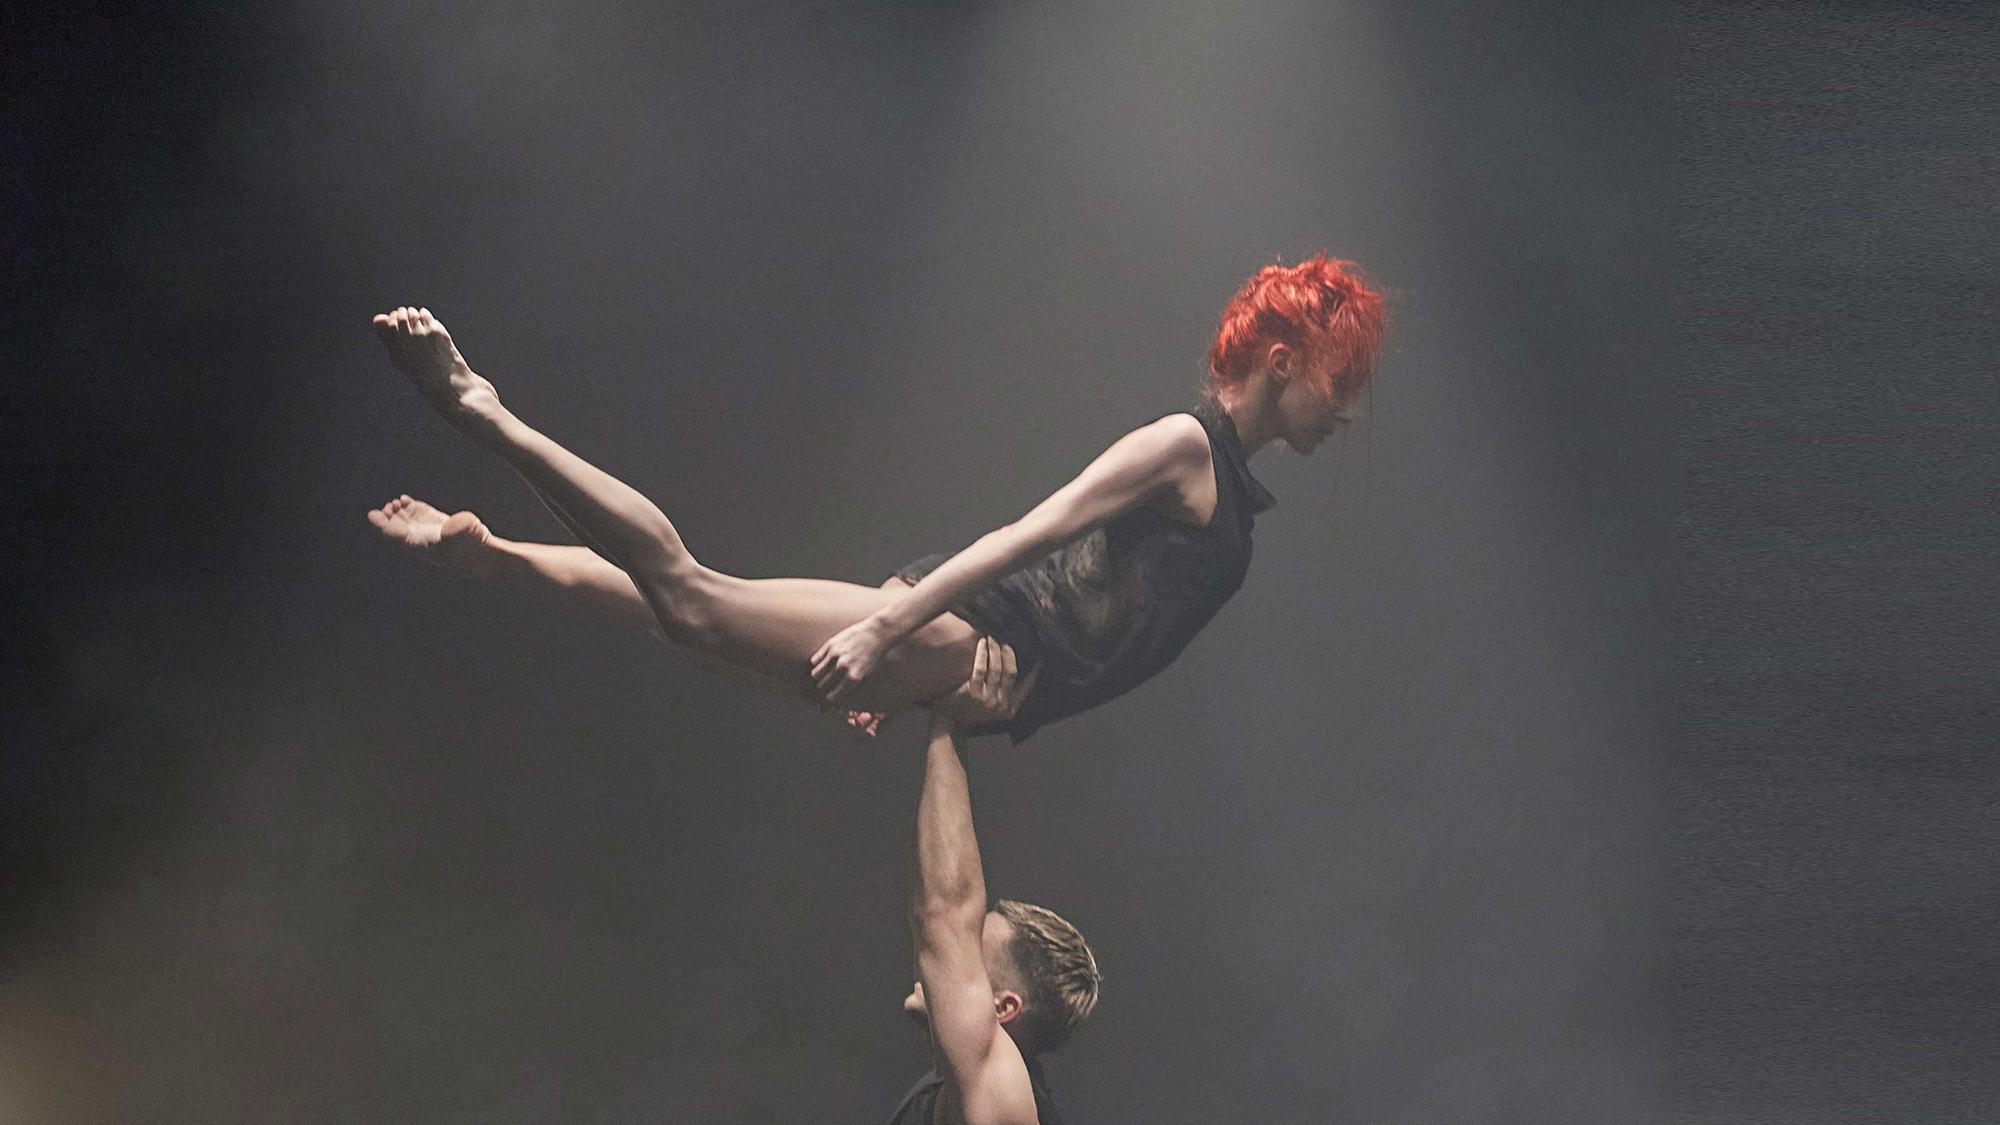 BJM - Dance Me - Danse Danse